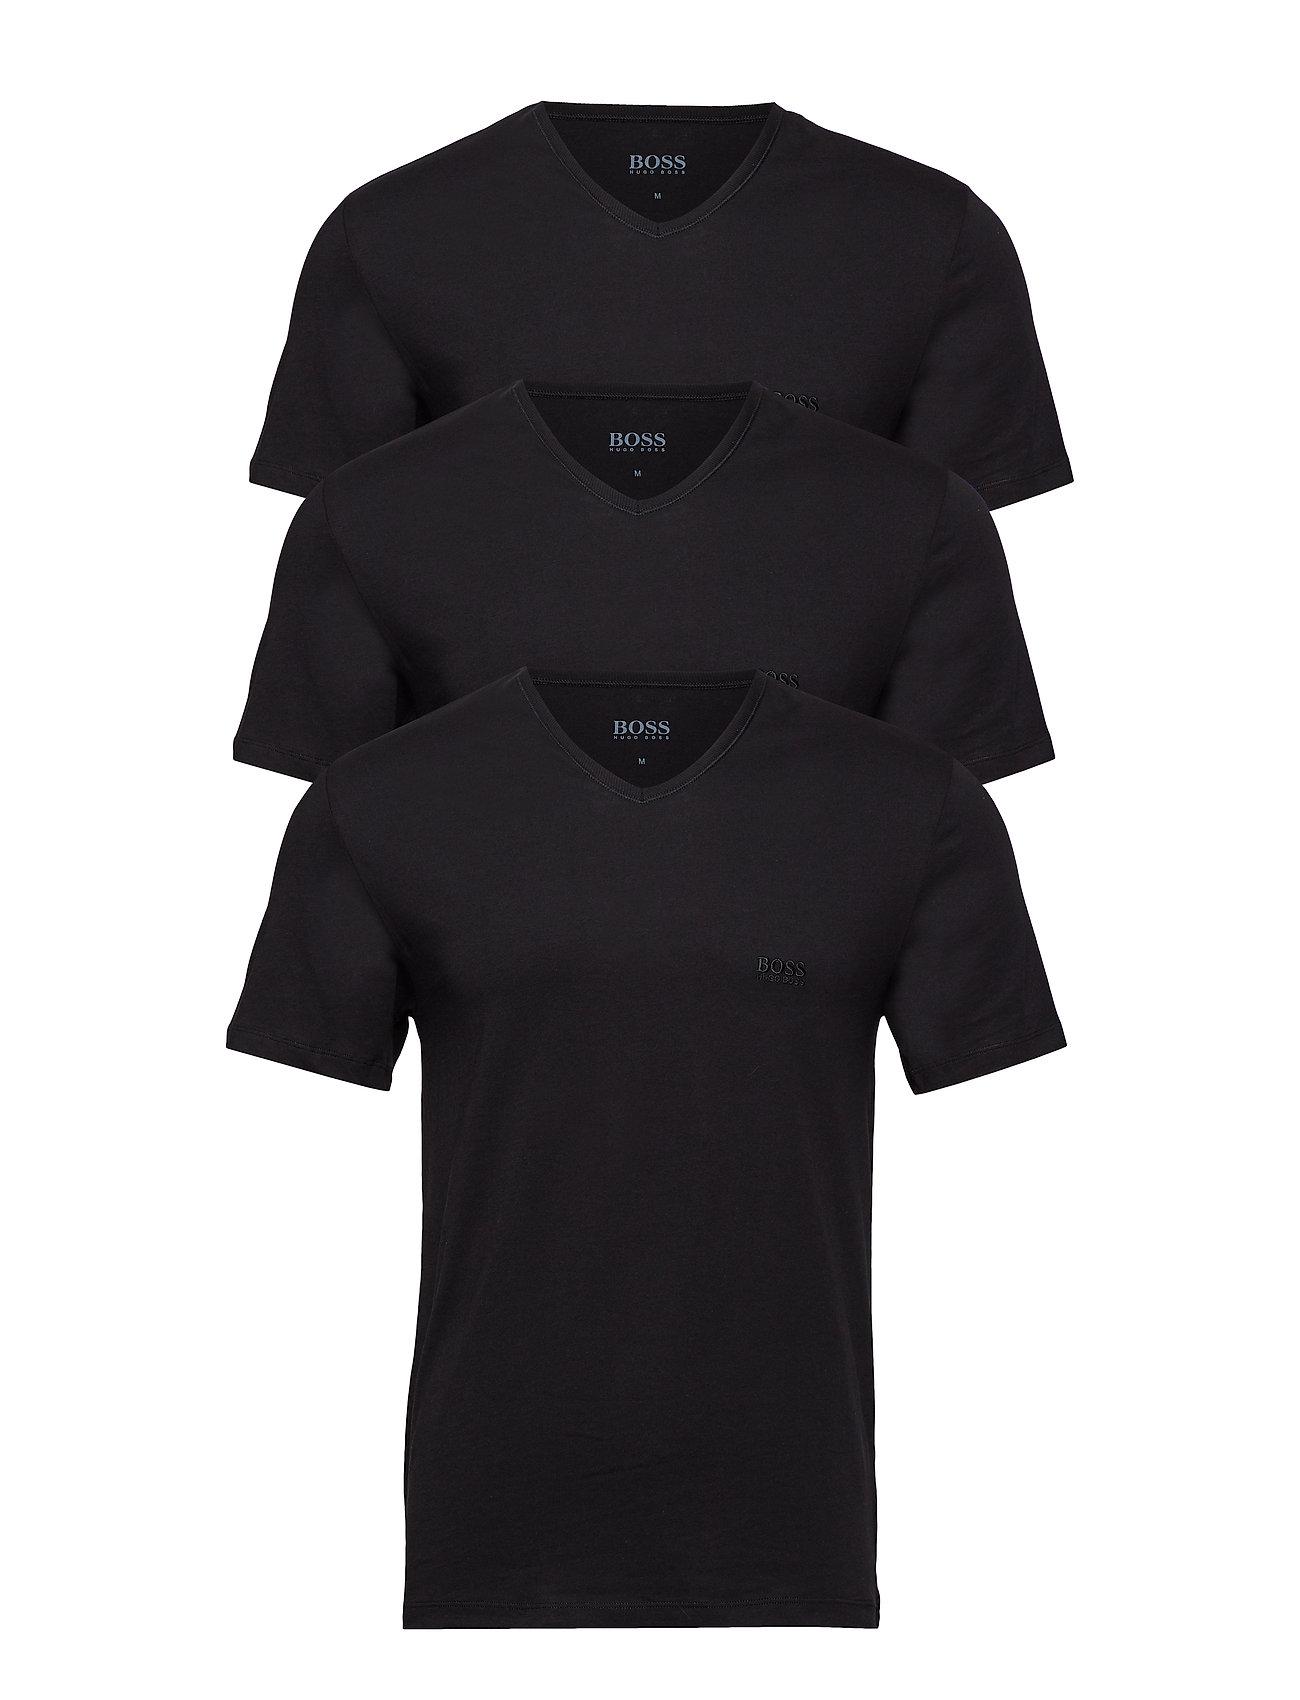 BOSS Business T-Shirt VN 3P CO - BLACK